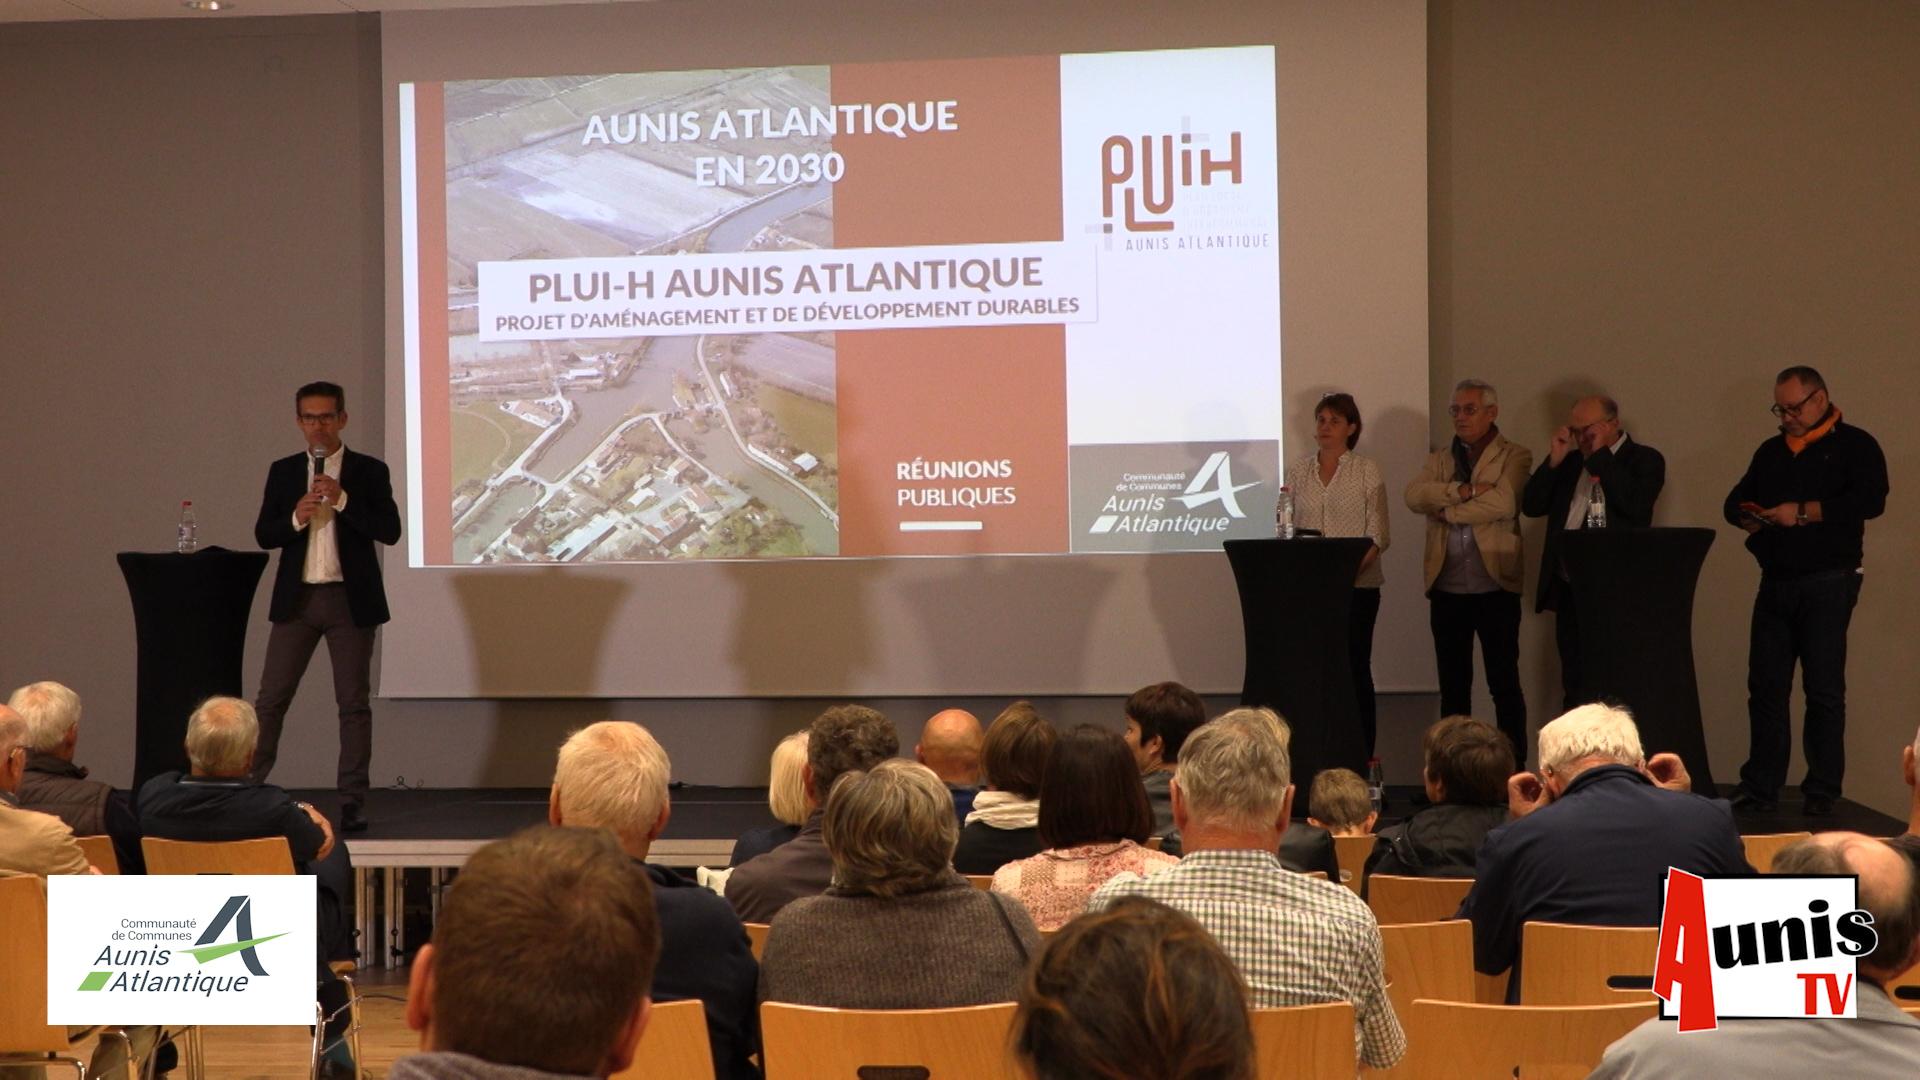 PLUI-H CDC Aunis Atlantique